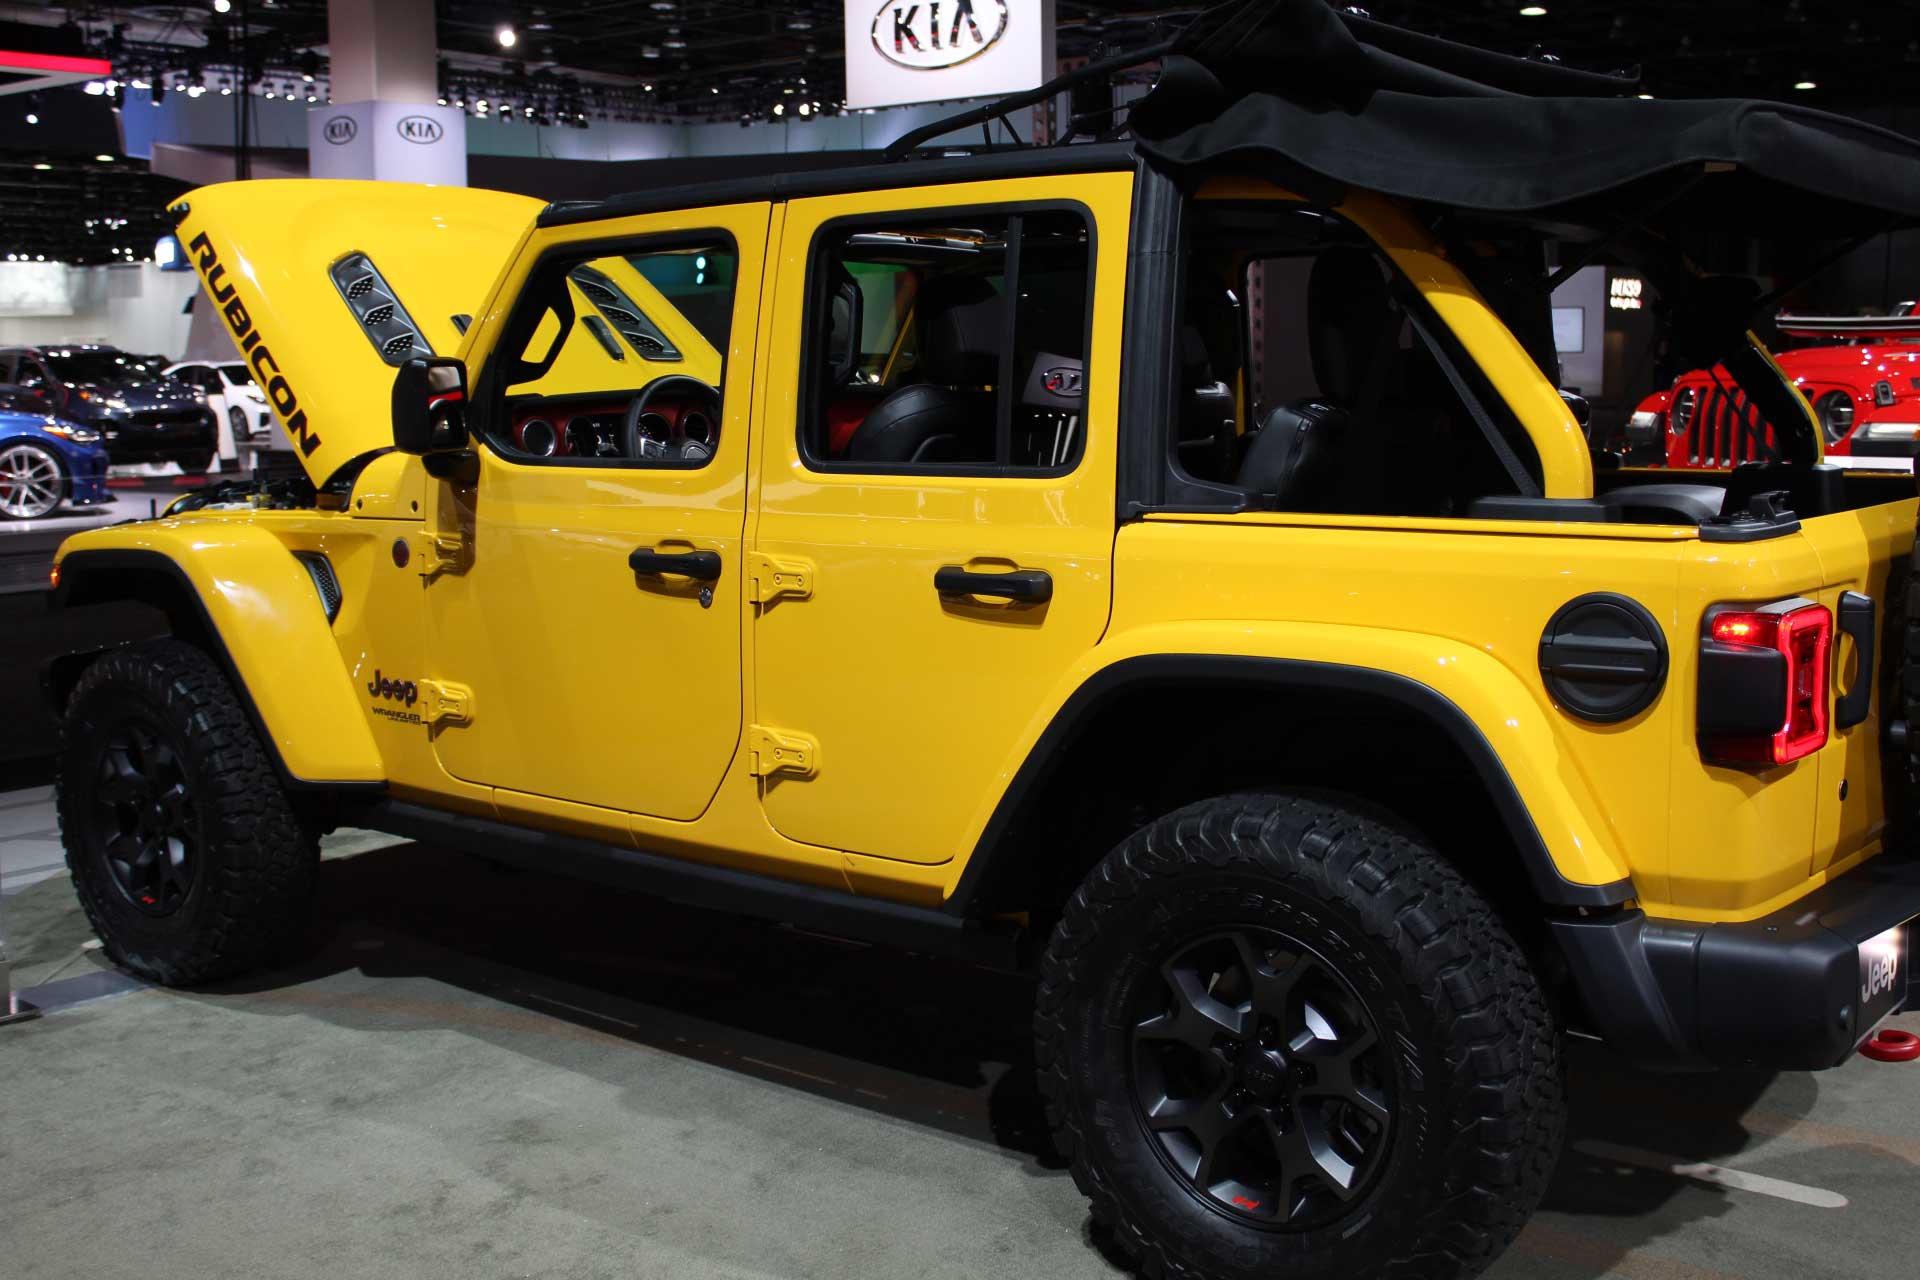 2018 jeep wrangler jl parts vehicle information. Black Bedroom Furniture Sets. Home Design Ideas